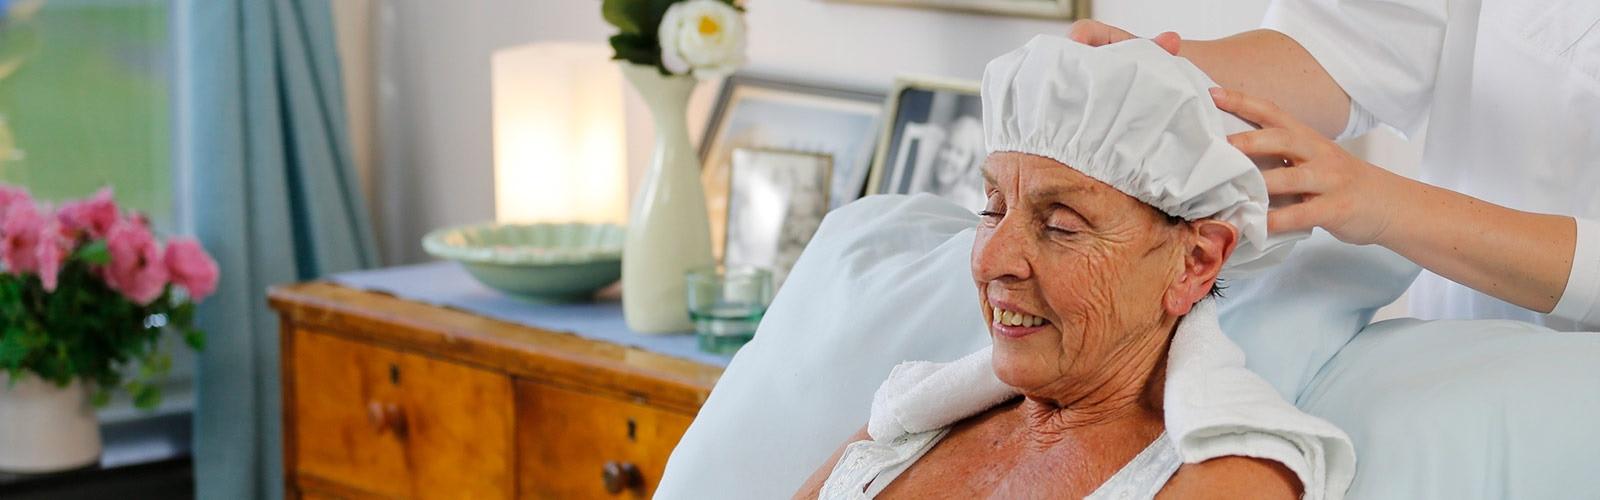 starší paní používající cepici na mytí vlasů TENA